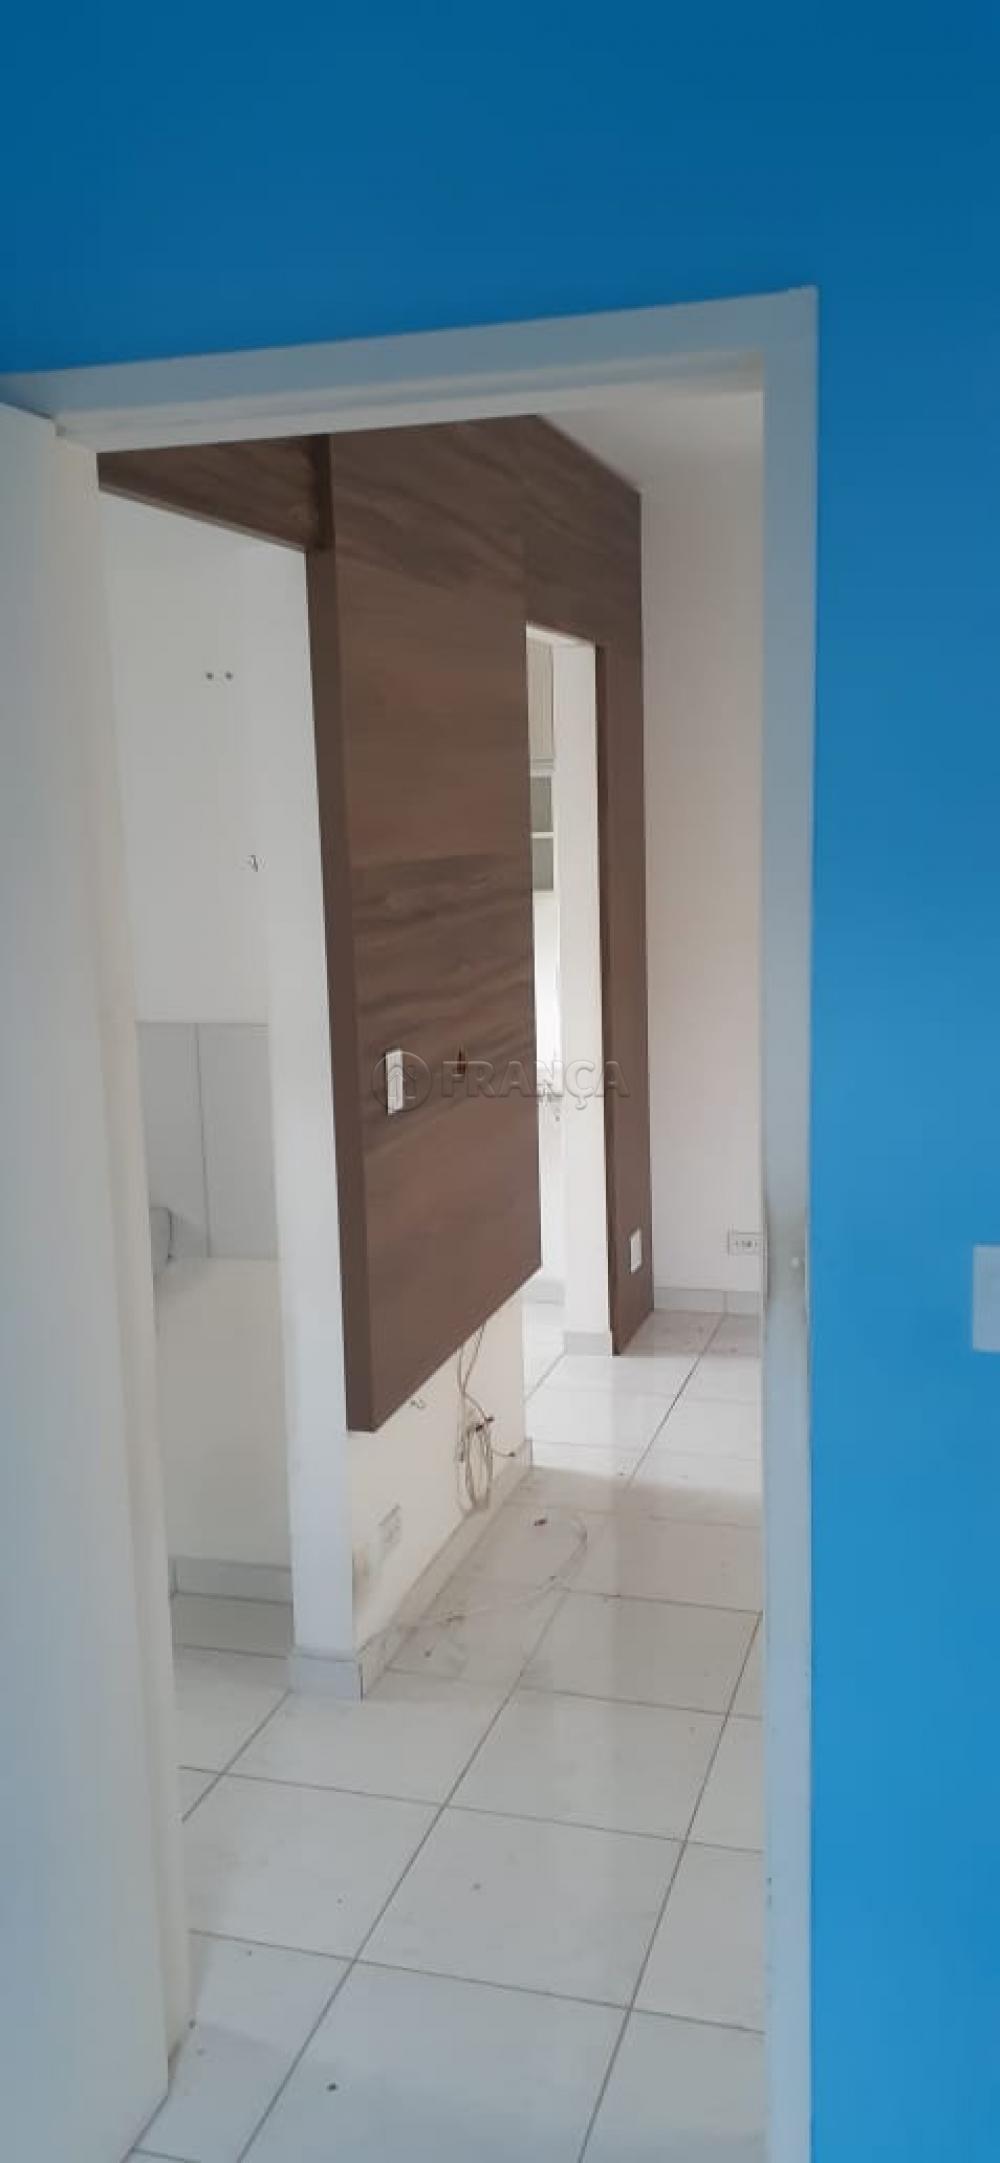 Comprar Apartamento / Padrão em Jacareí R$ 140.000,00 - Foto 6